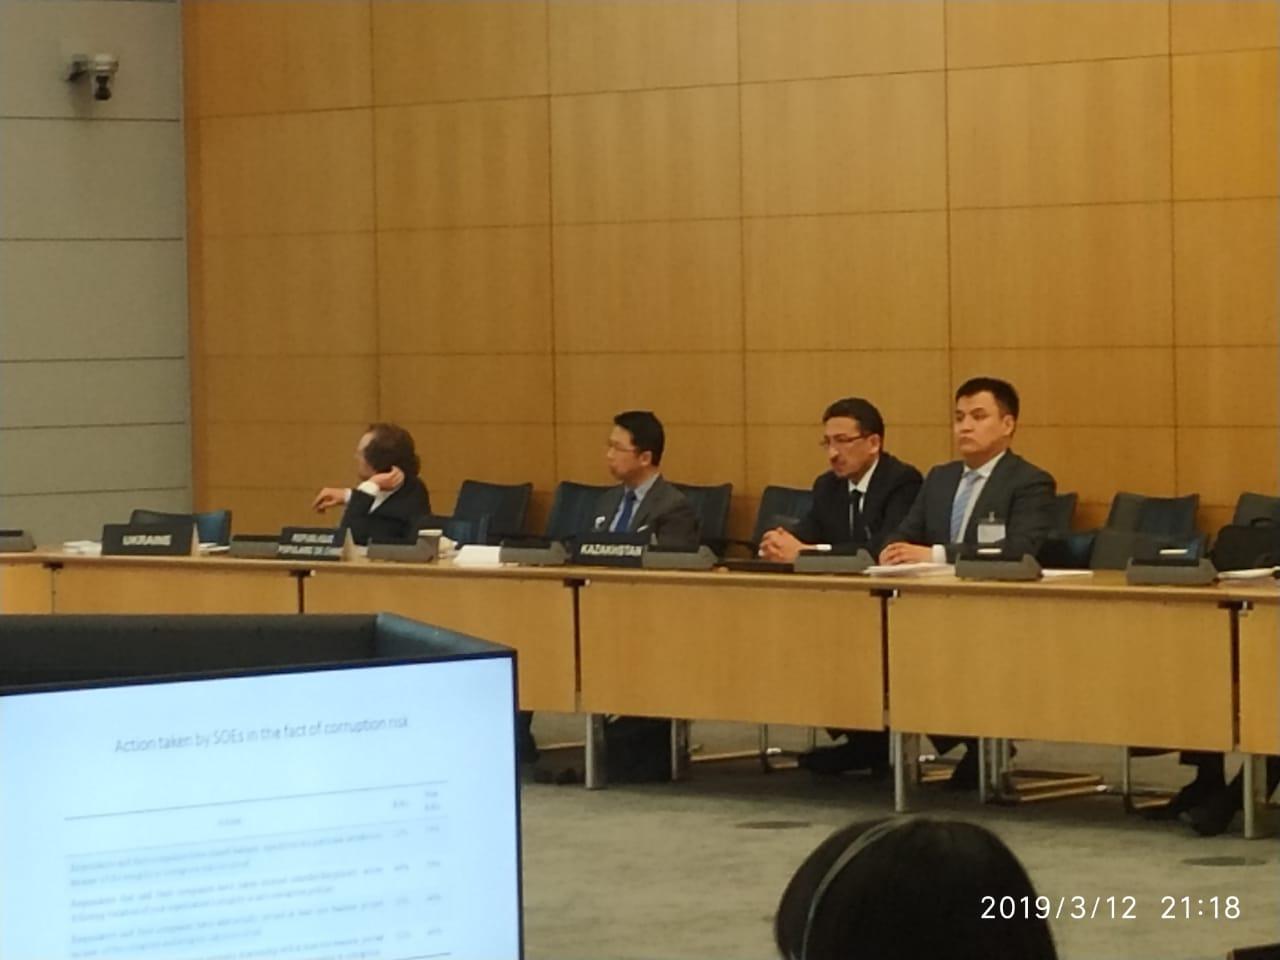 Казахстан сообщил о ходе приватизации международному сообществу